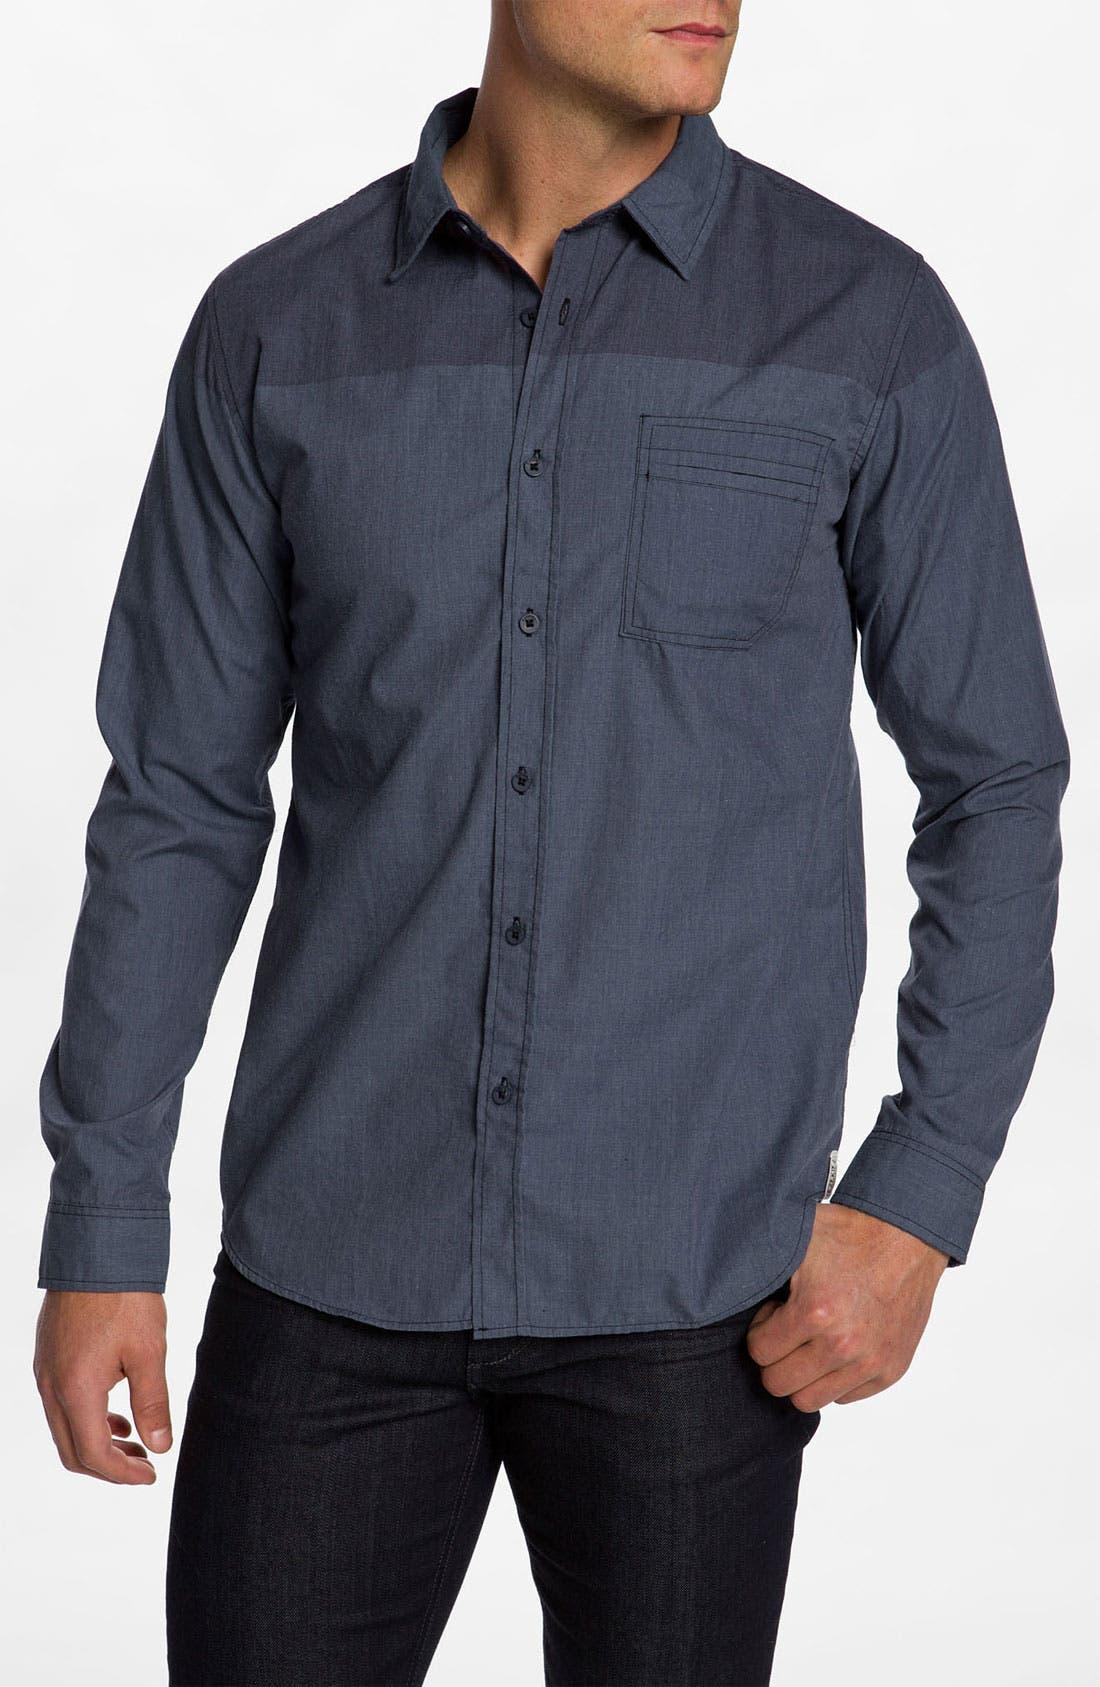 Alternate Image 1 Selected - Ezekiel 'Graceland' Chambray Shirt